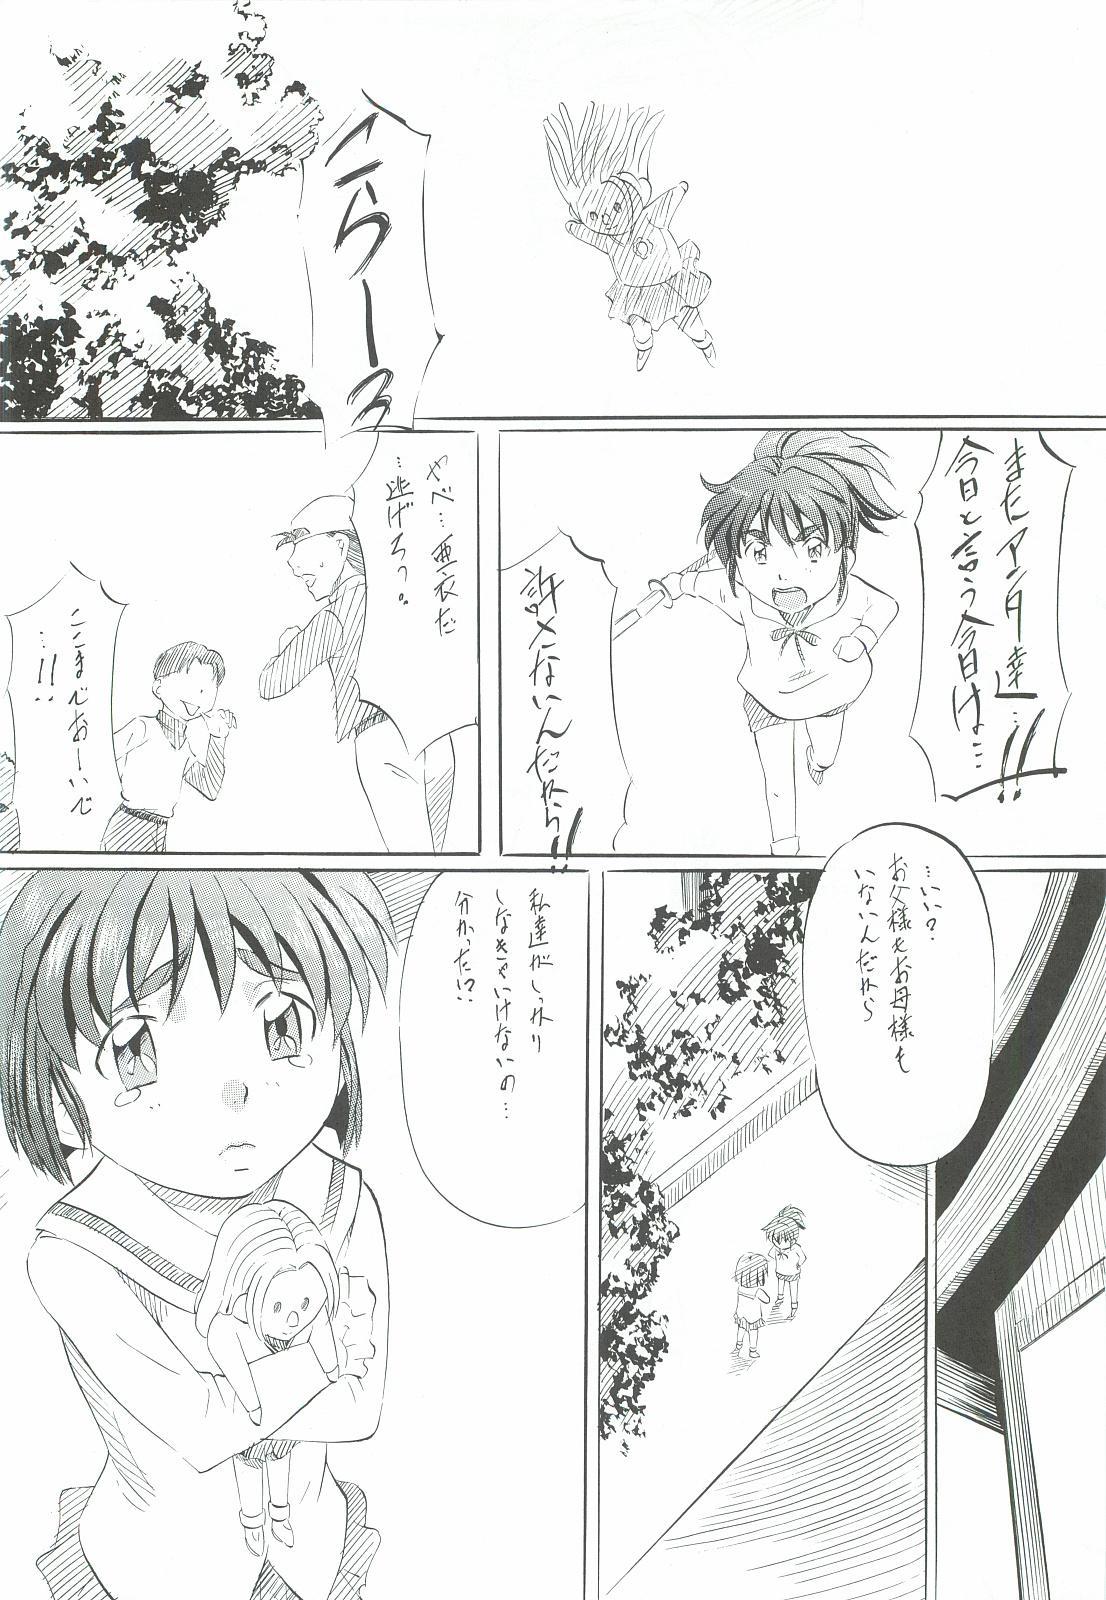 Ai & Mai Gaiden - Kishin Fukkatsu no Shou 28